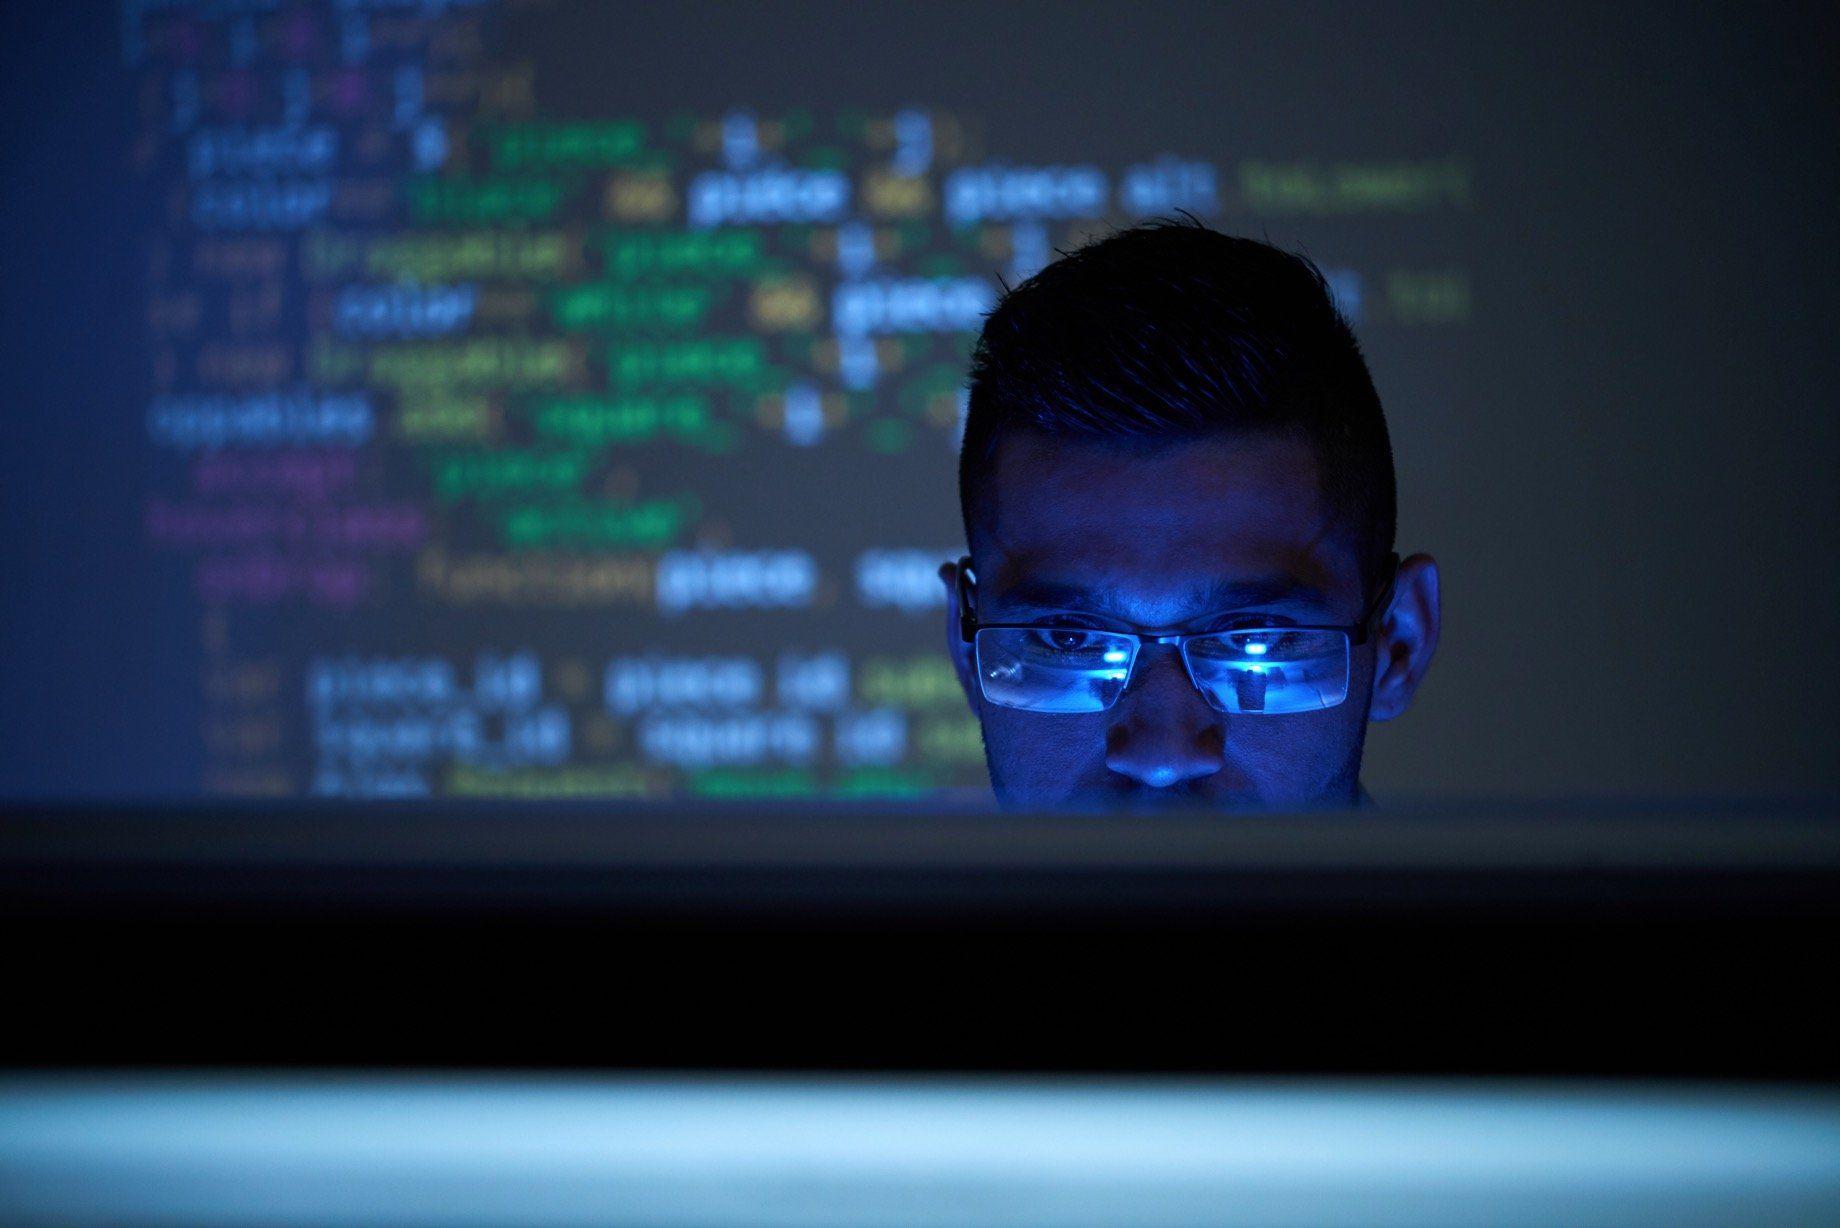 como detectar virus en una web